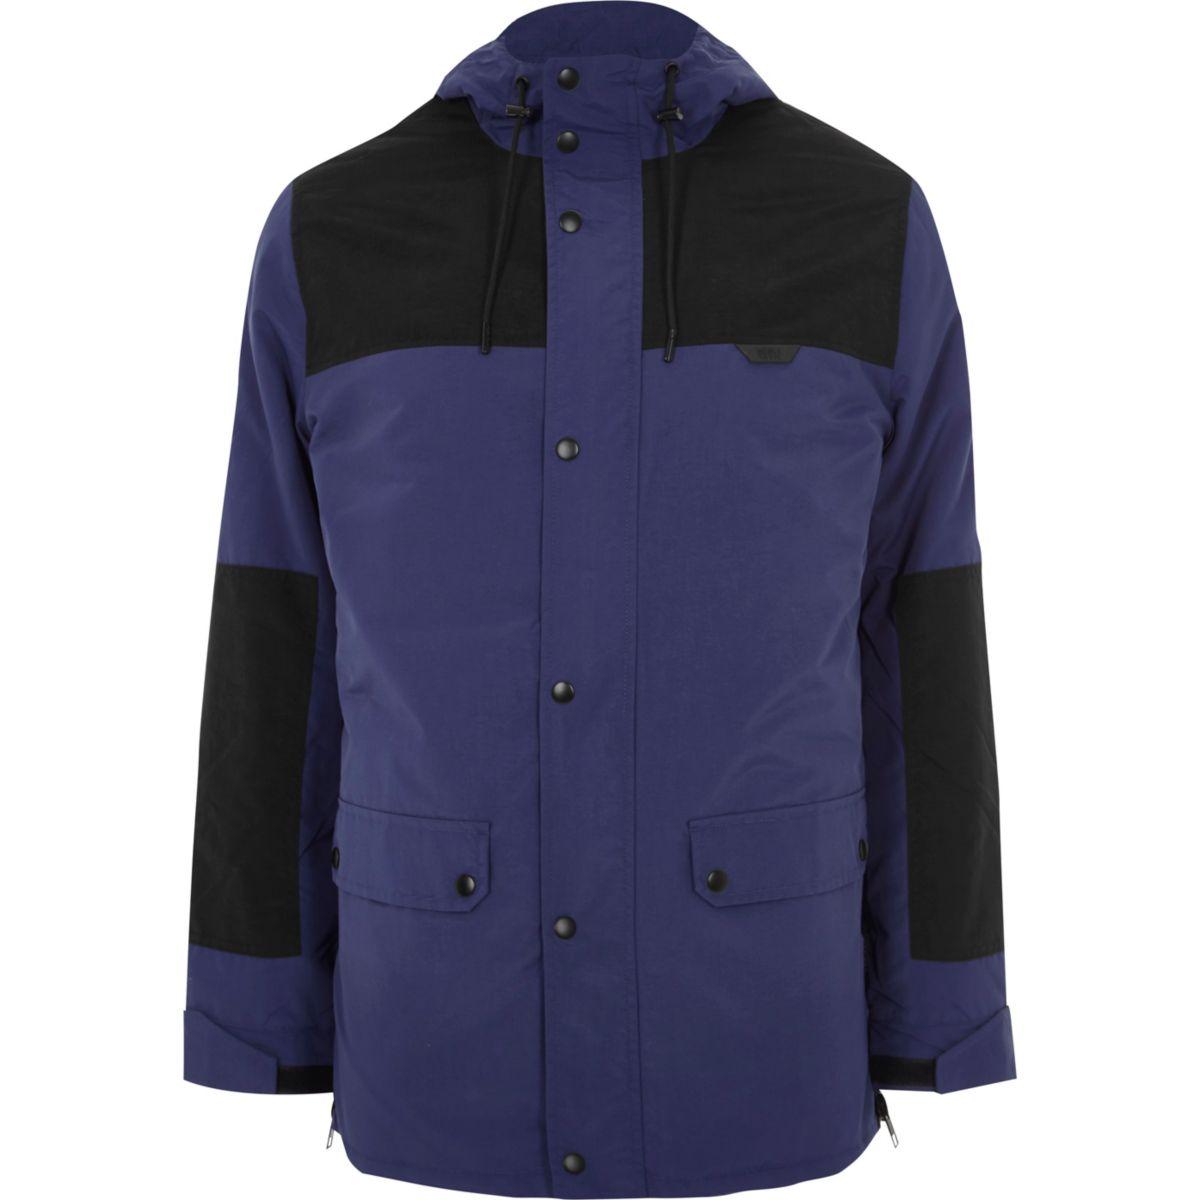 Blauwe jas met kleurvlakken en capuchon